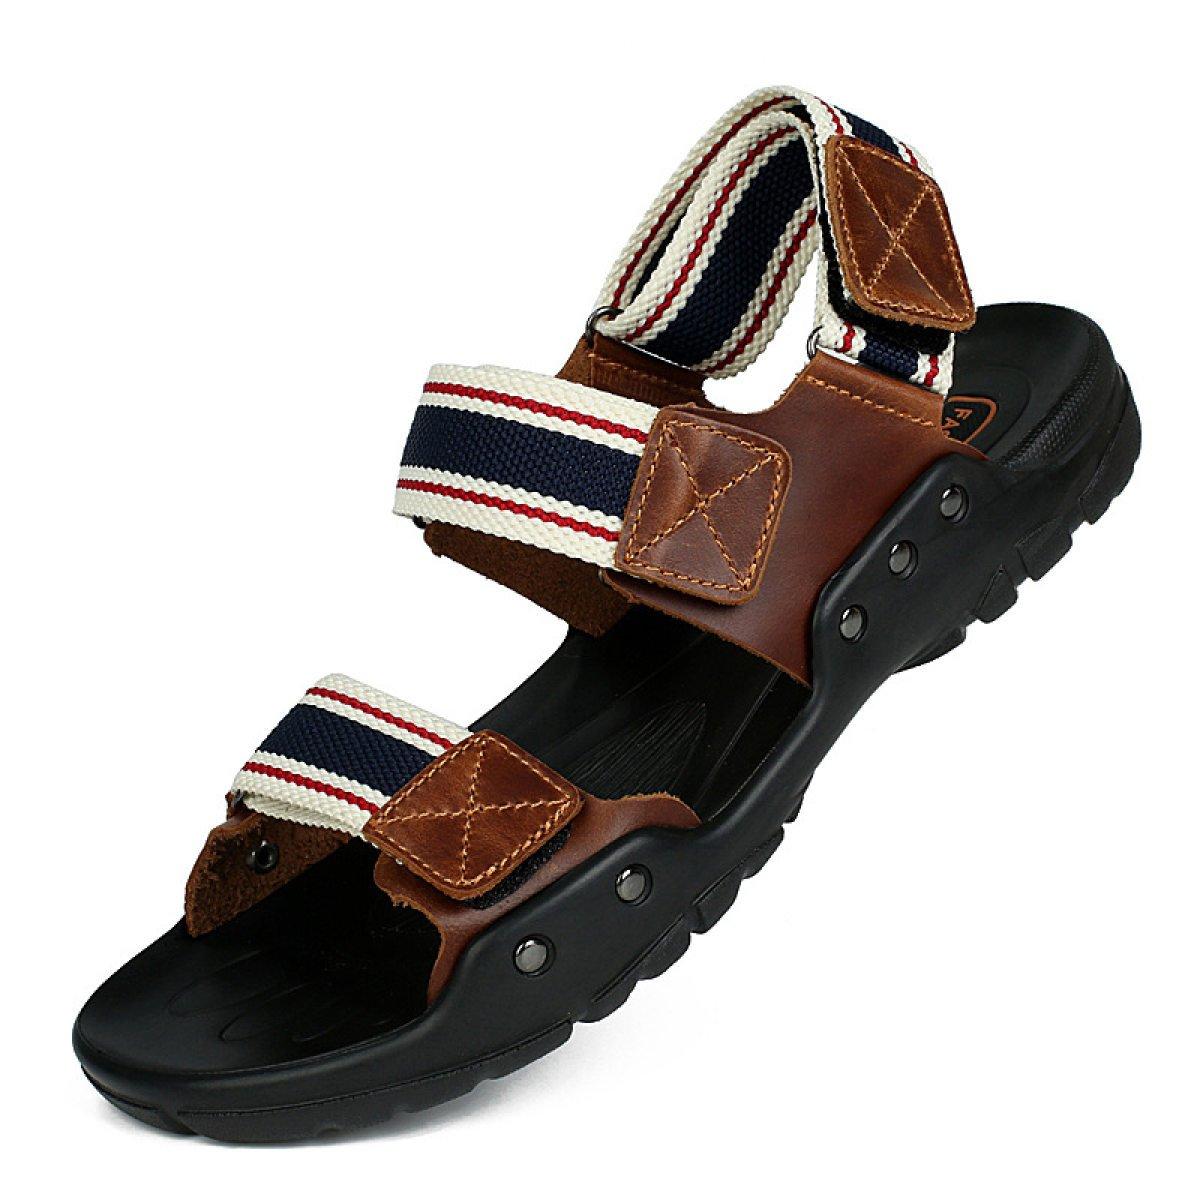 LXXAMens Verano Playa Sandalias Zapatos Al Aire Libre Cuero Real La Trenza De Nylon Zapatos De Trekking,Blue-40EU 40EU Blue